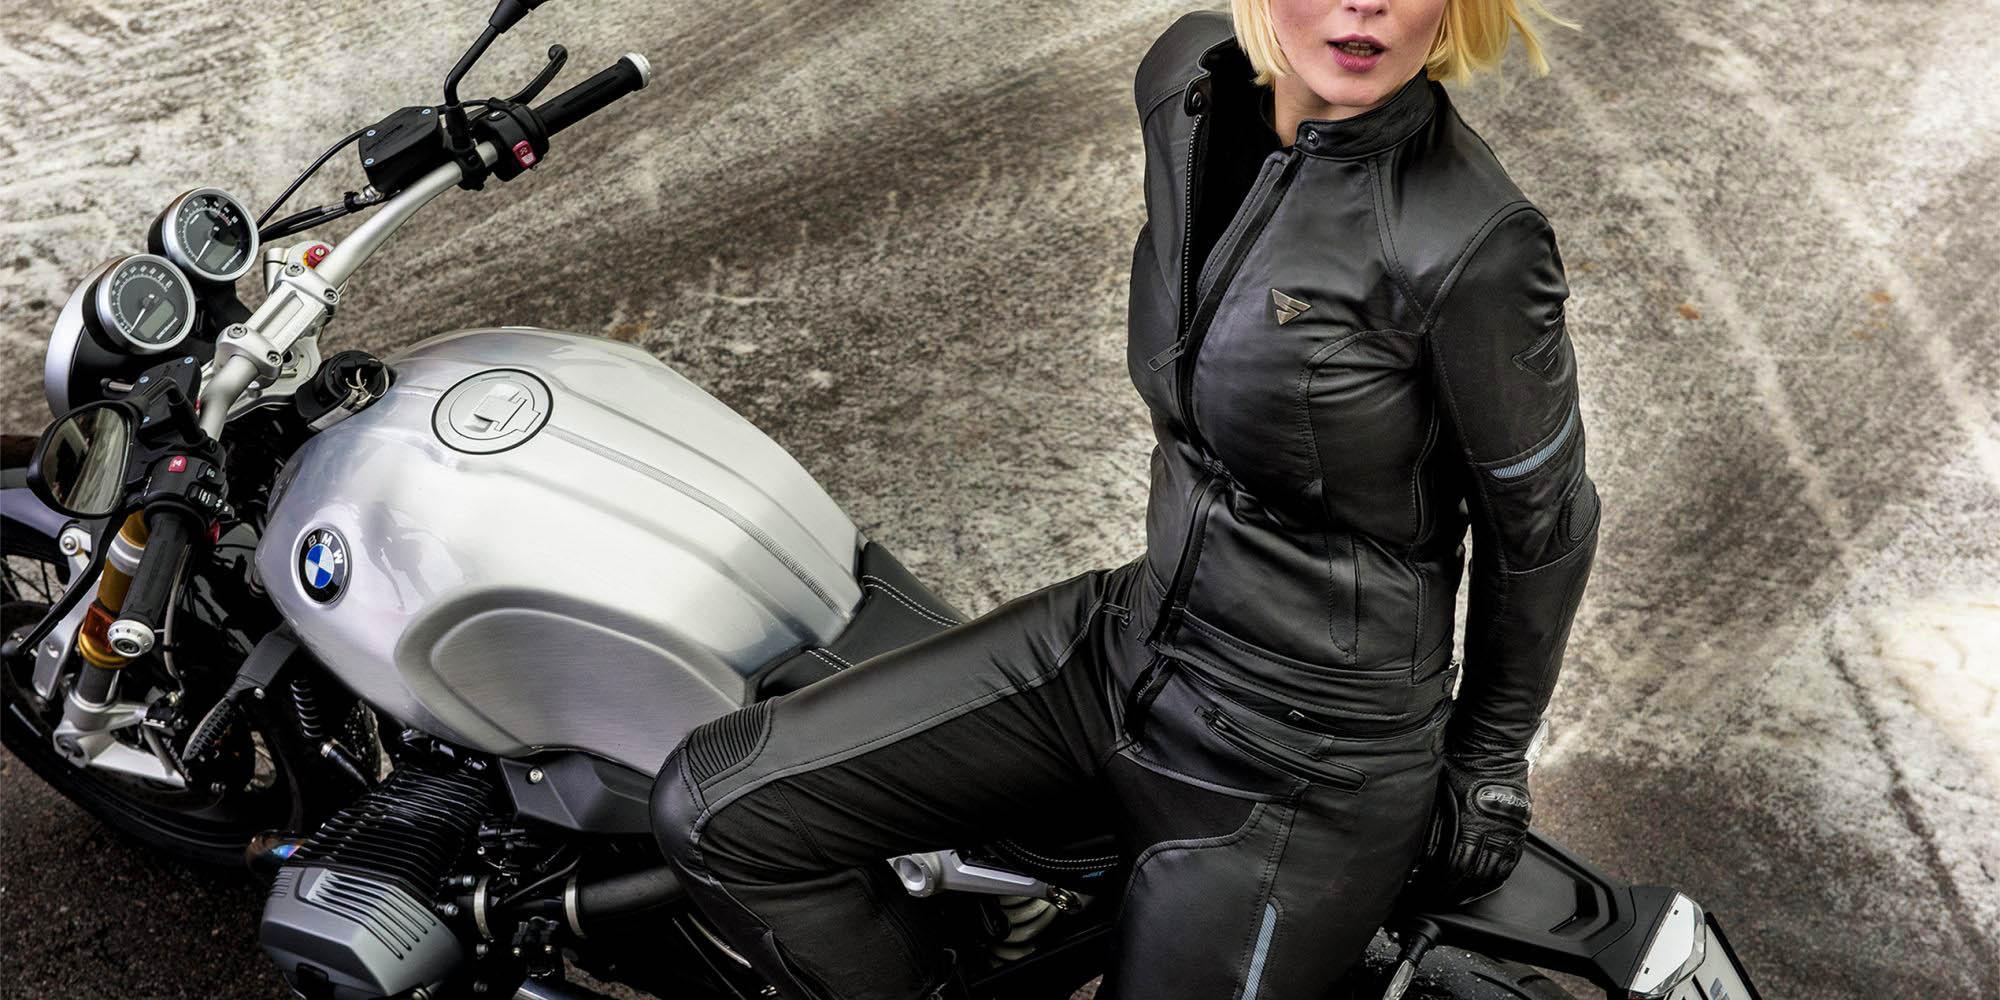 Мотоциклетные штаны SHIMA MONACO из кожи для мотоледи, вид на сиденье купить по низкой цене